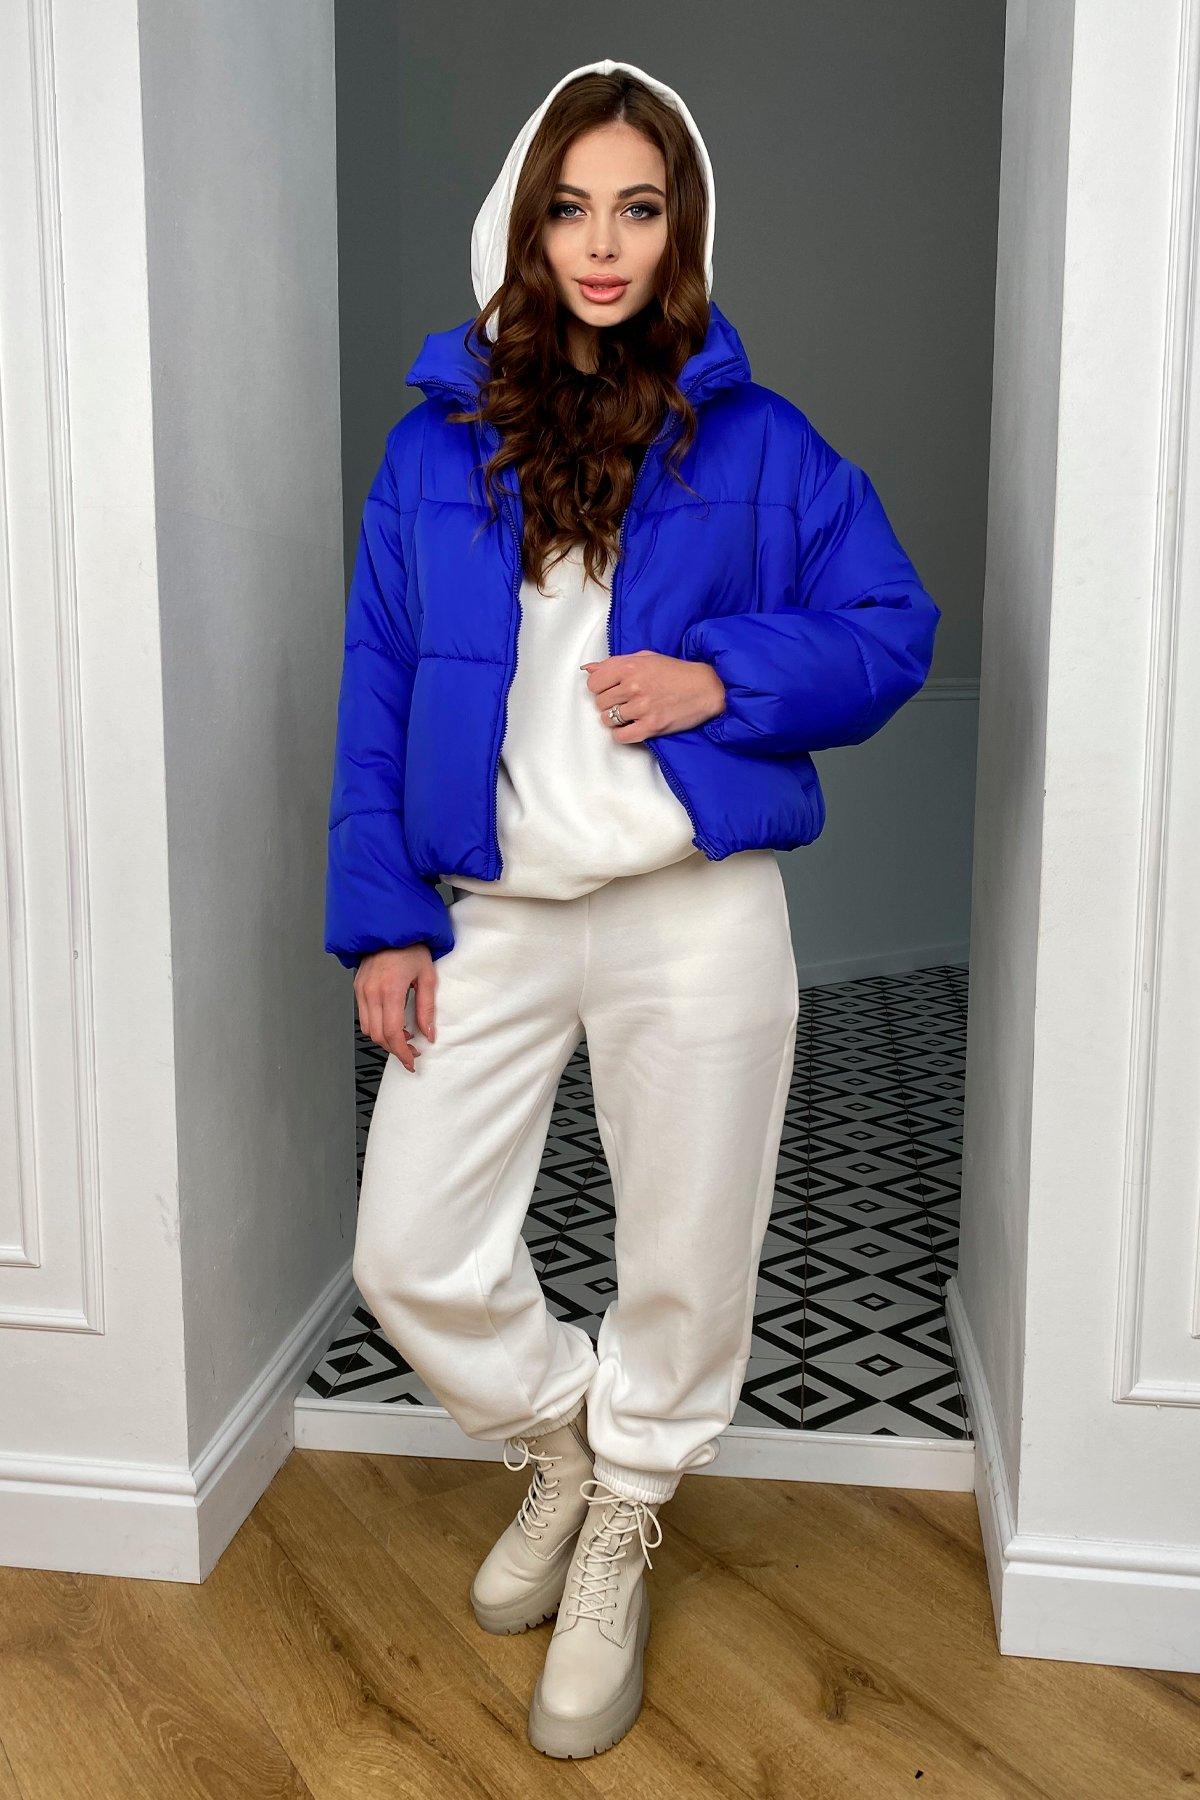 Драйв куртка из плащевой ткани 10448 АРТ. 46769 Цвет: Электрик 1052 - фото 5, интернет магазин tm-modus.ru